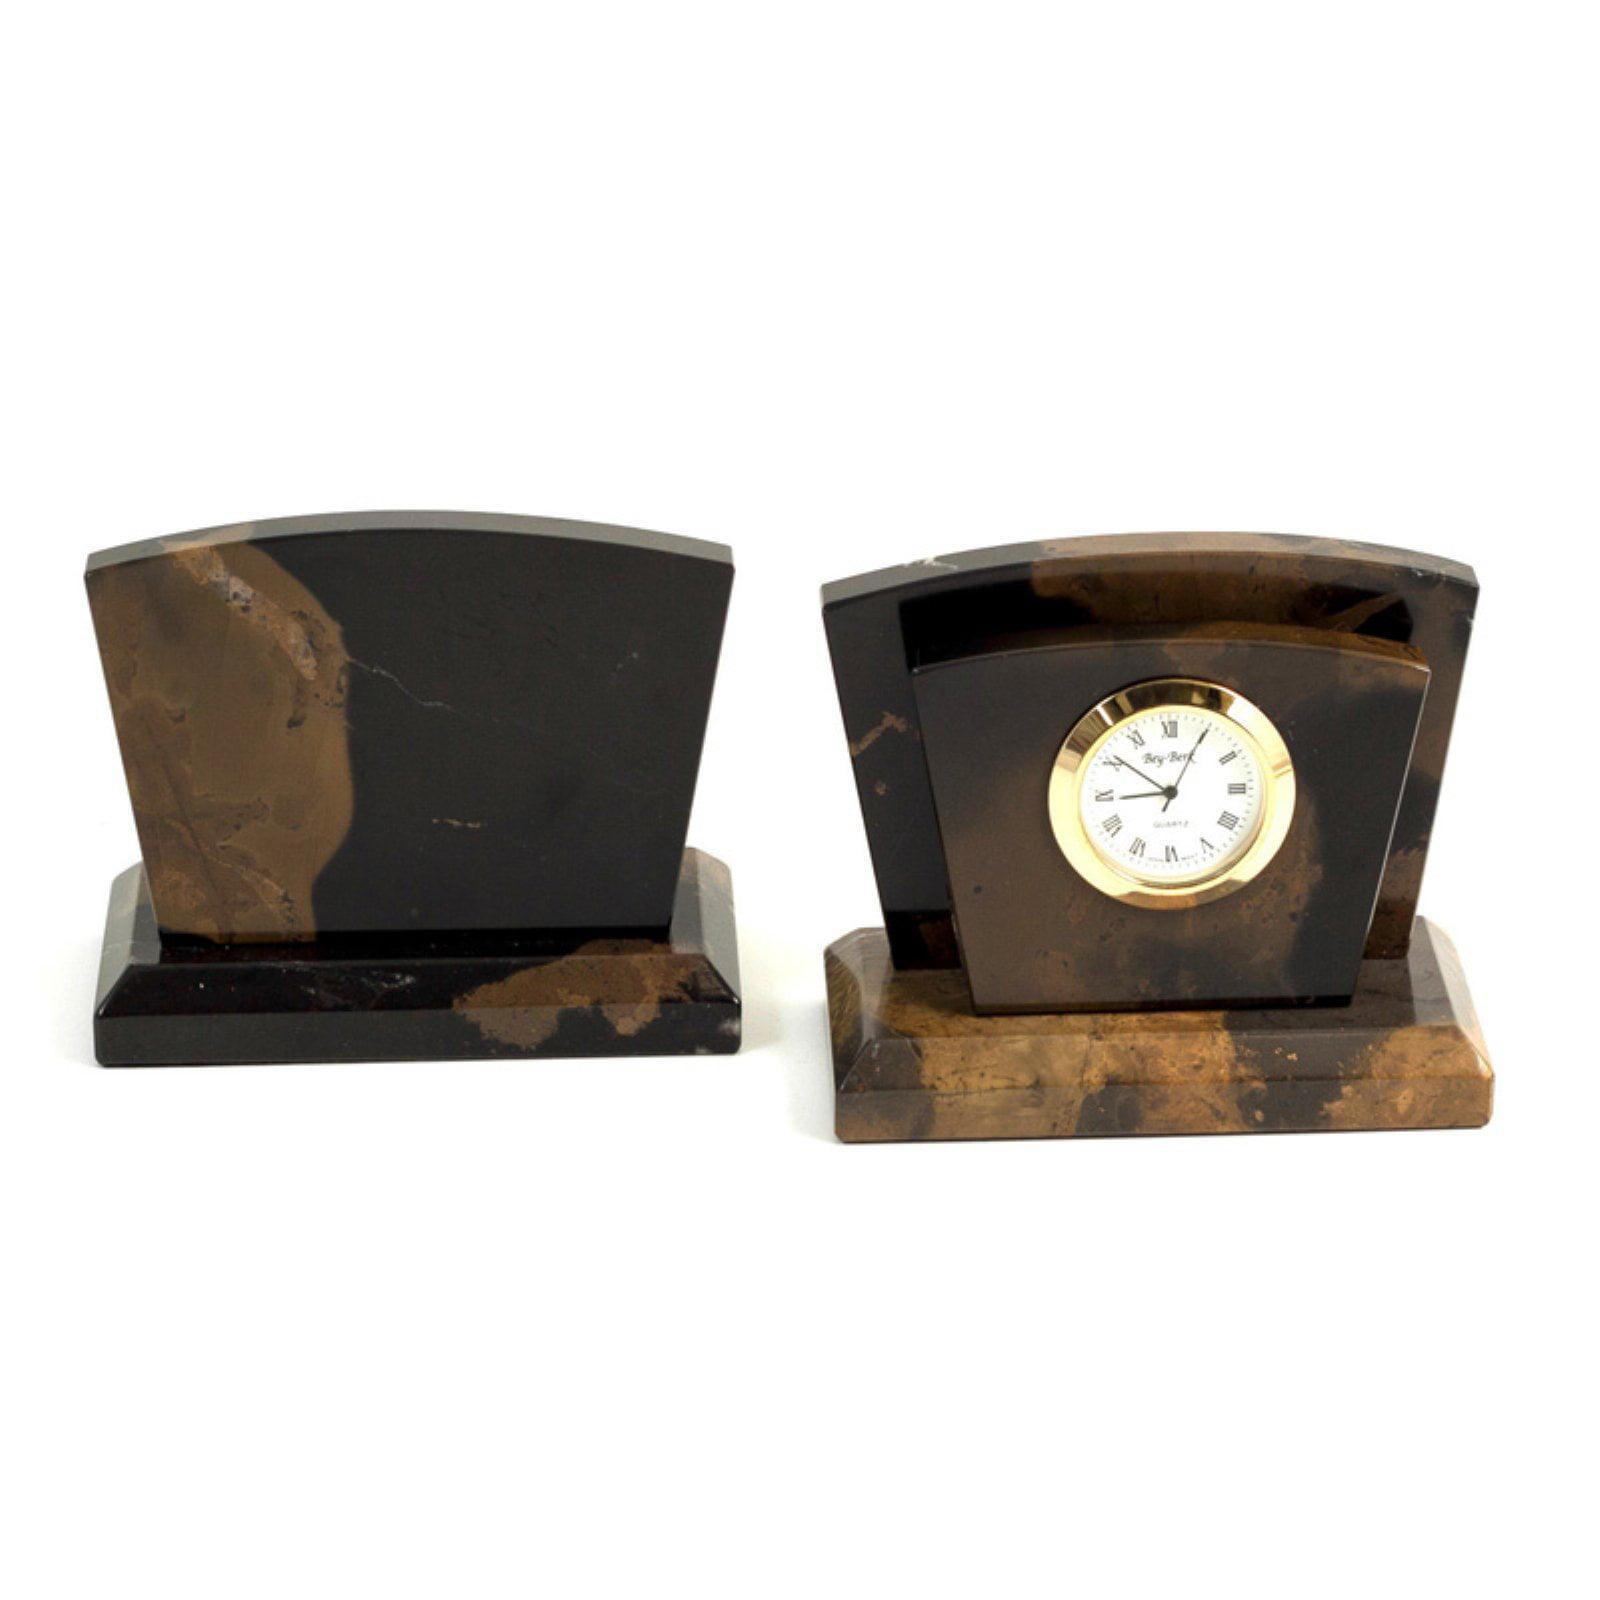 Bey-Berk International Clock with Letter Rack by Bey Berk